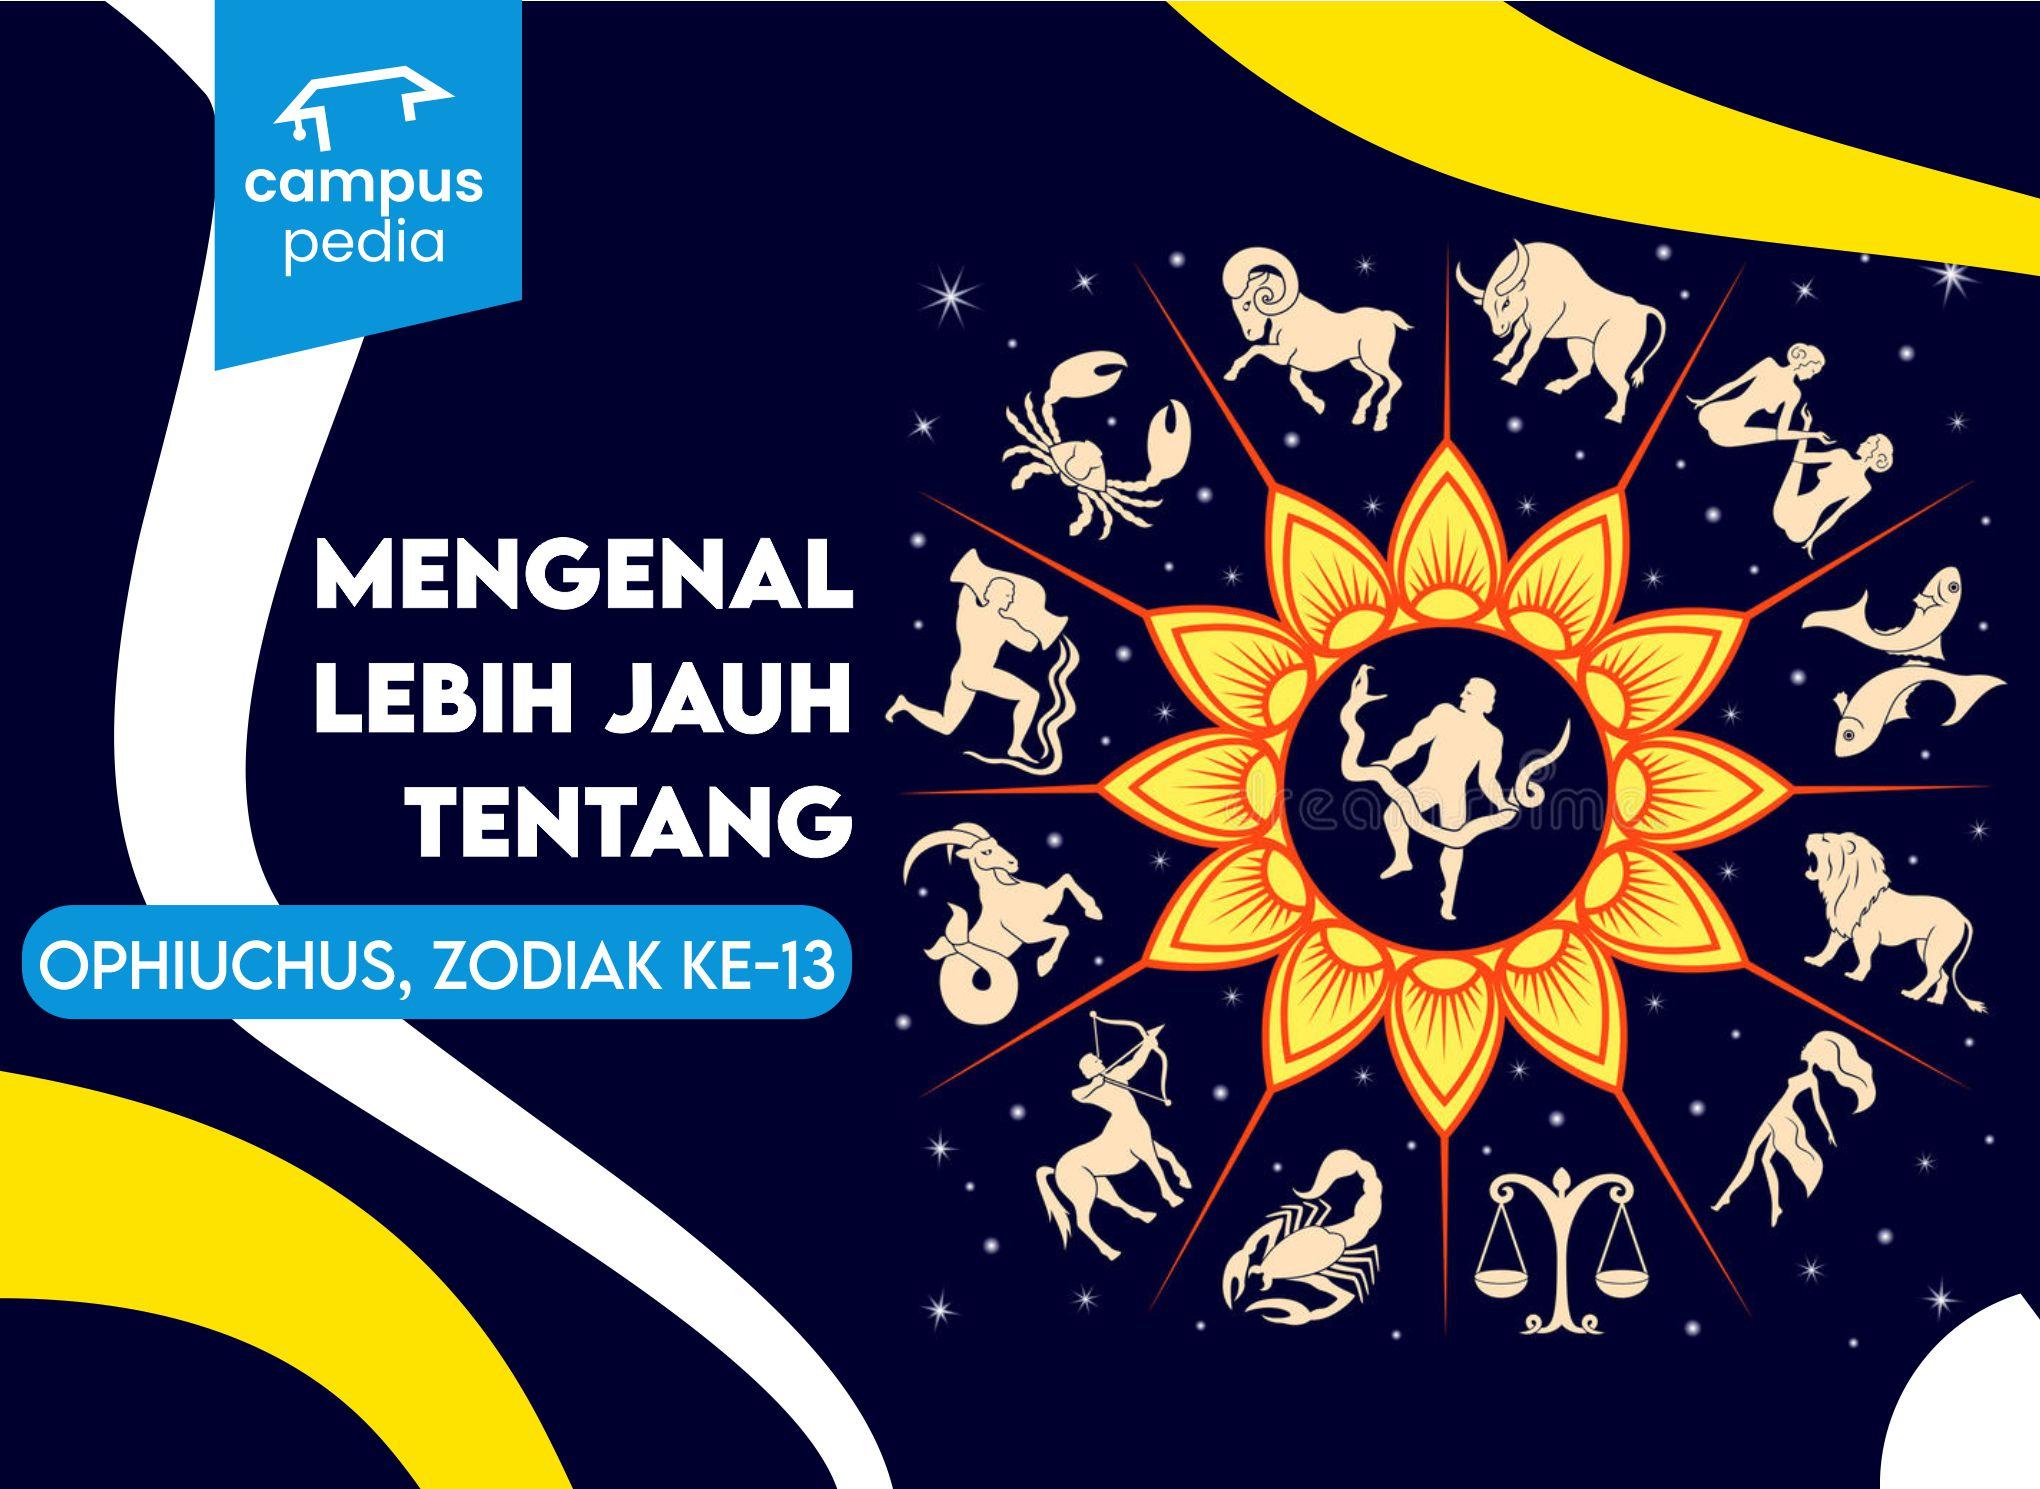 Mengenal Lebih Jauh tentang Ophiuchus, Zodiak ke-13